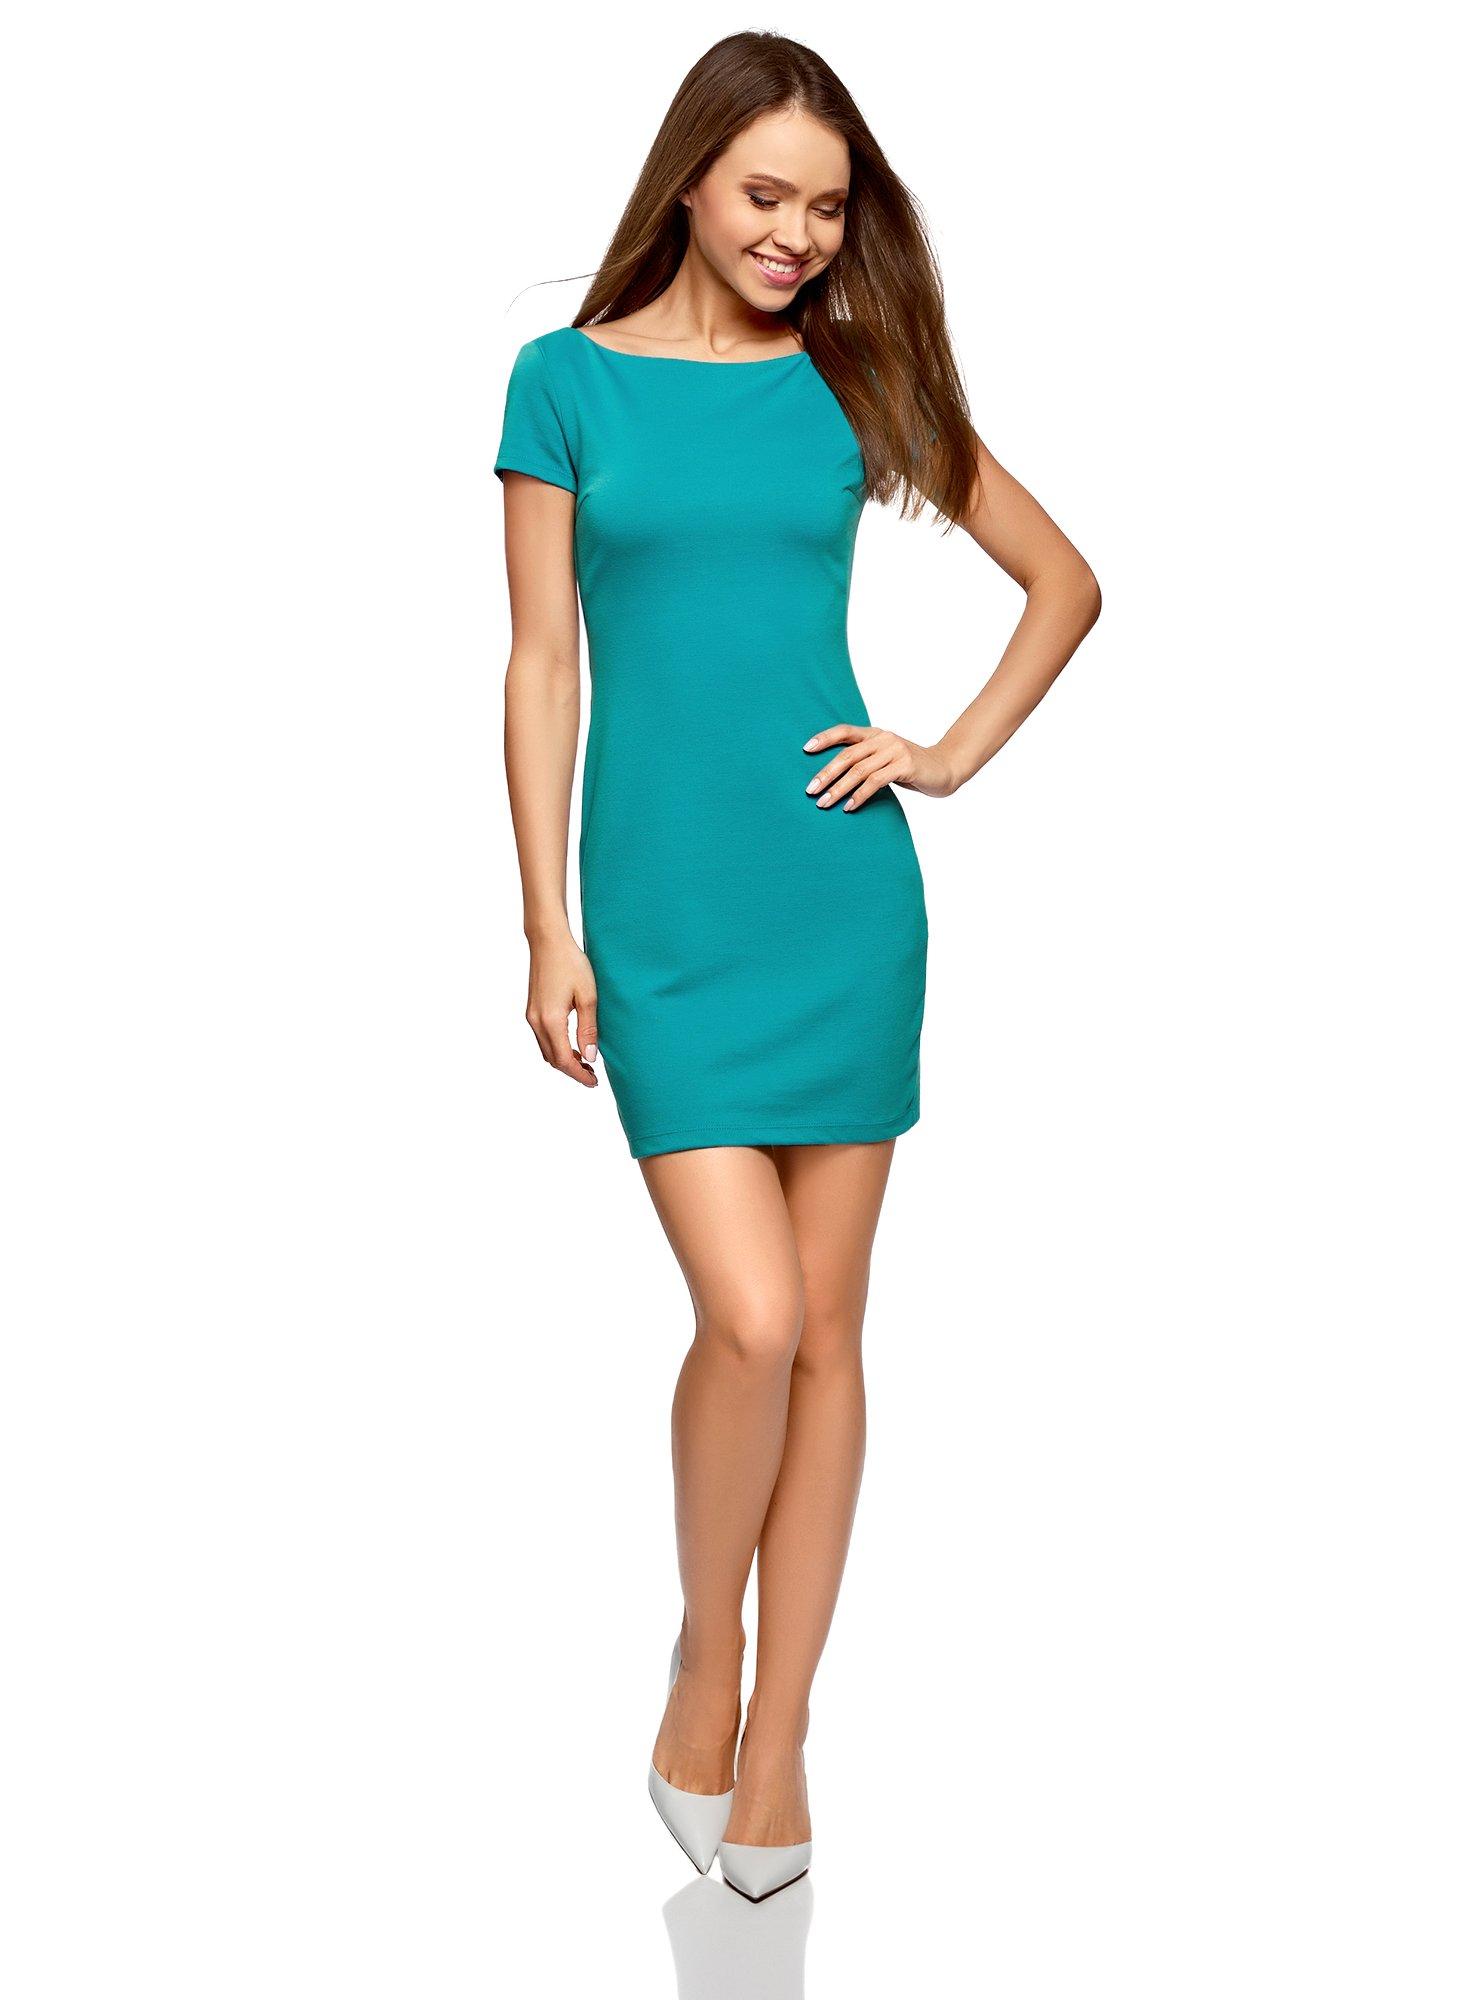 6555929e6ca1fe StartseiteBusinesskleideroodji Ultra Damen Jerseykleid mit U-Boot-Ausschnitt.  🔍. Businesskleider